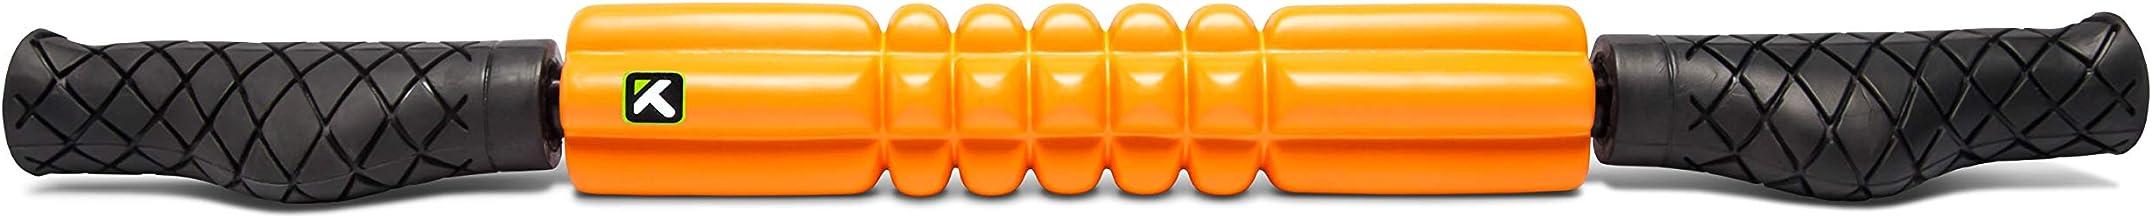 TriggerPoint Performance Grid STK Fasciarol, draagbare massageroller met handvat, oranje, 24''/53cm